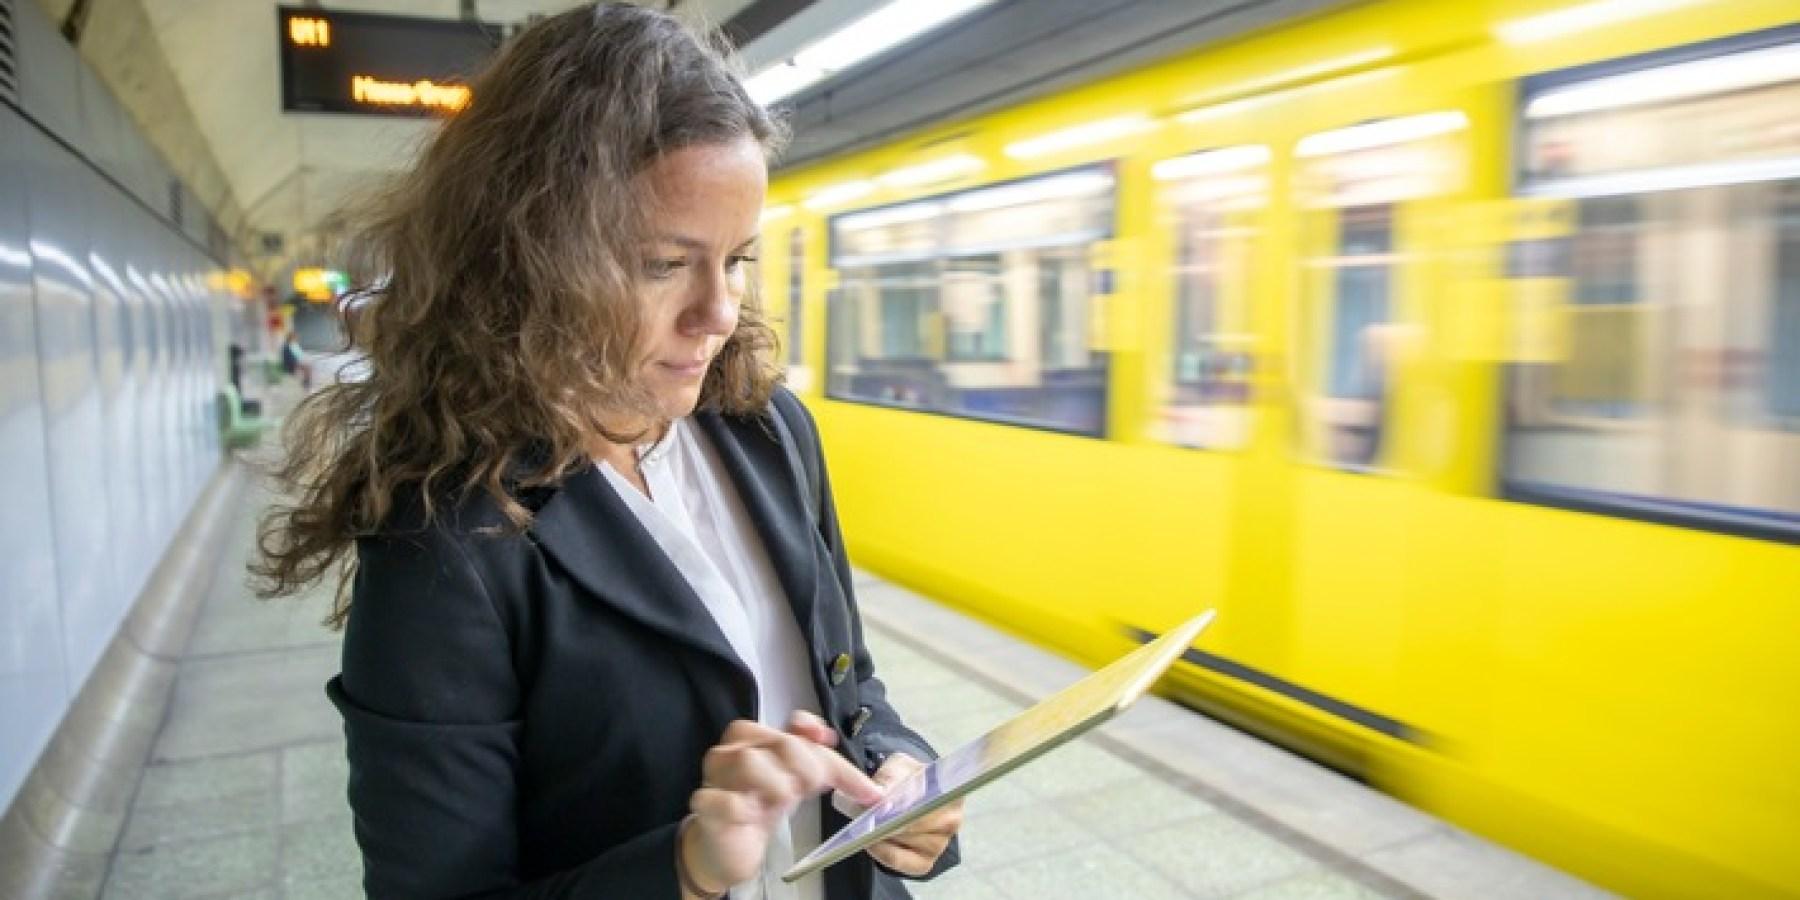 Arbeiten im Homeoffice: Höhere Arbeitszufriedenheit, aber stärkere psychische Belastungen